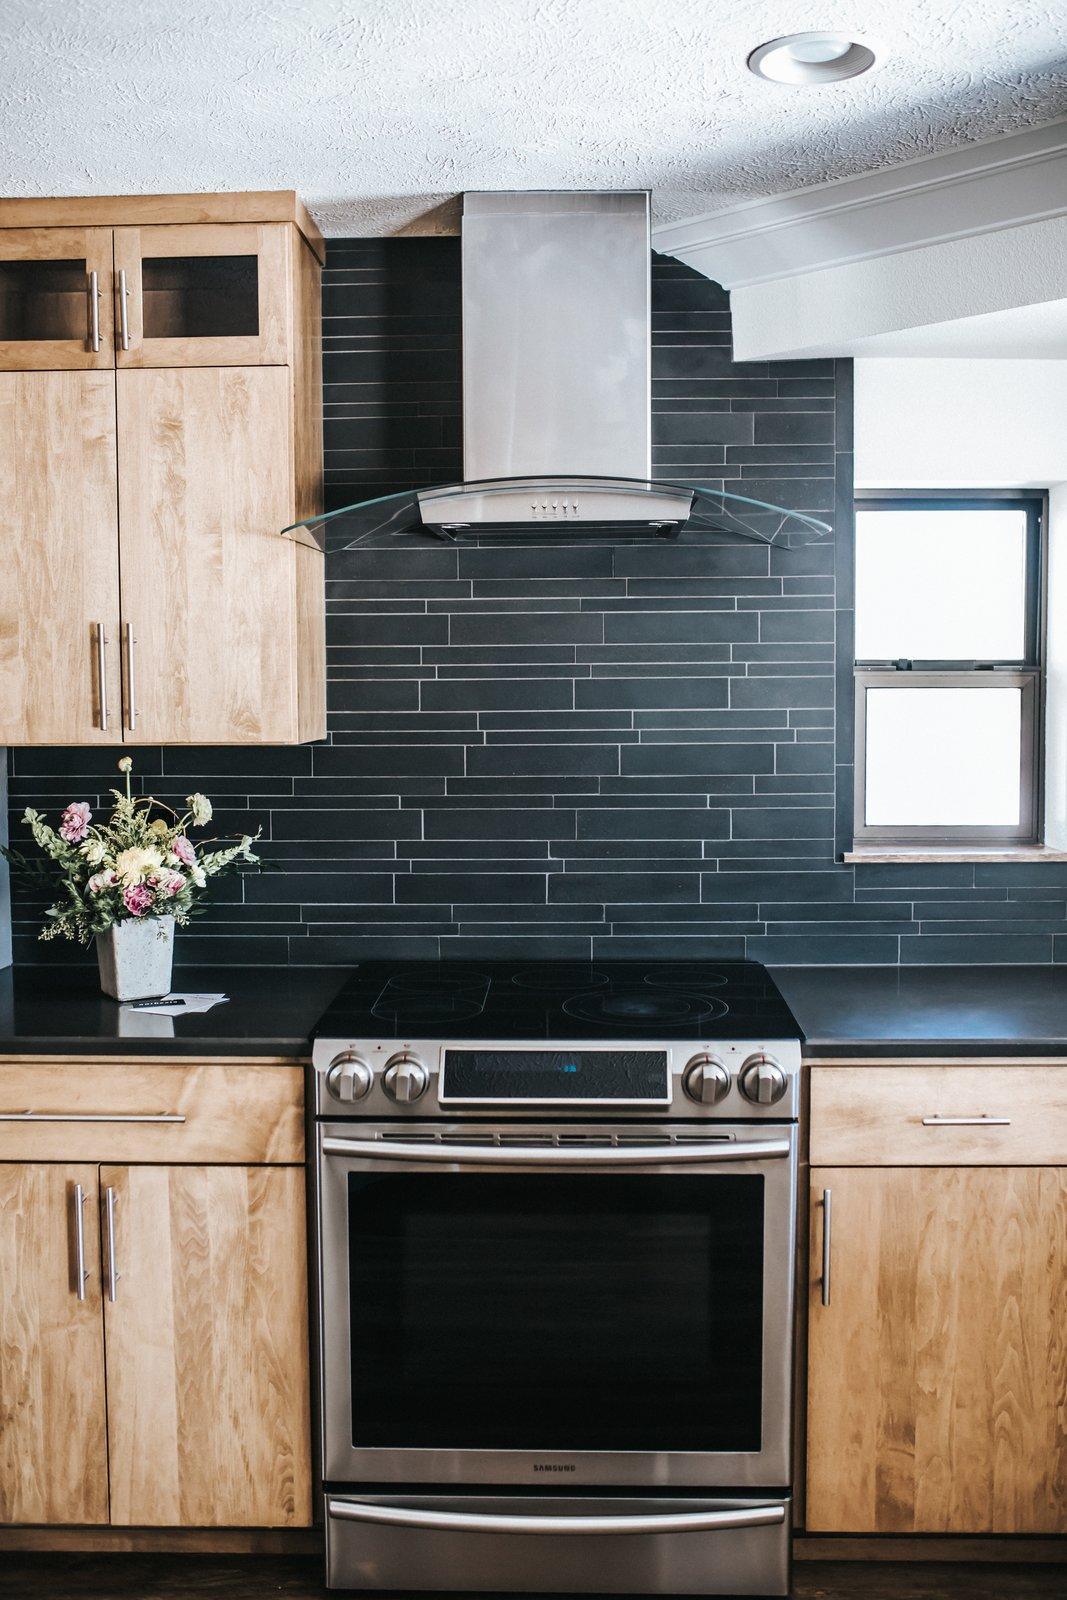 Kitchen Oven & Range Hood  FLW Fan